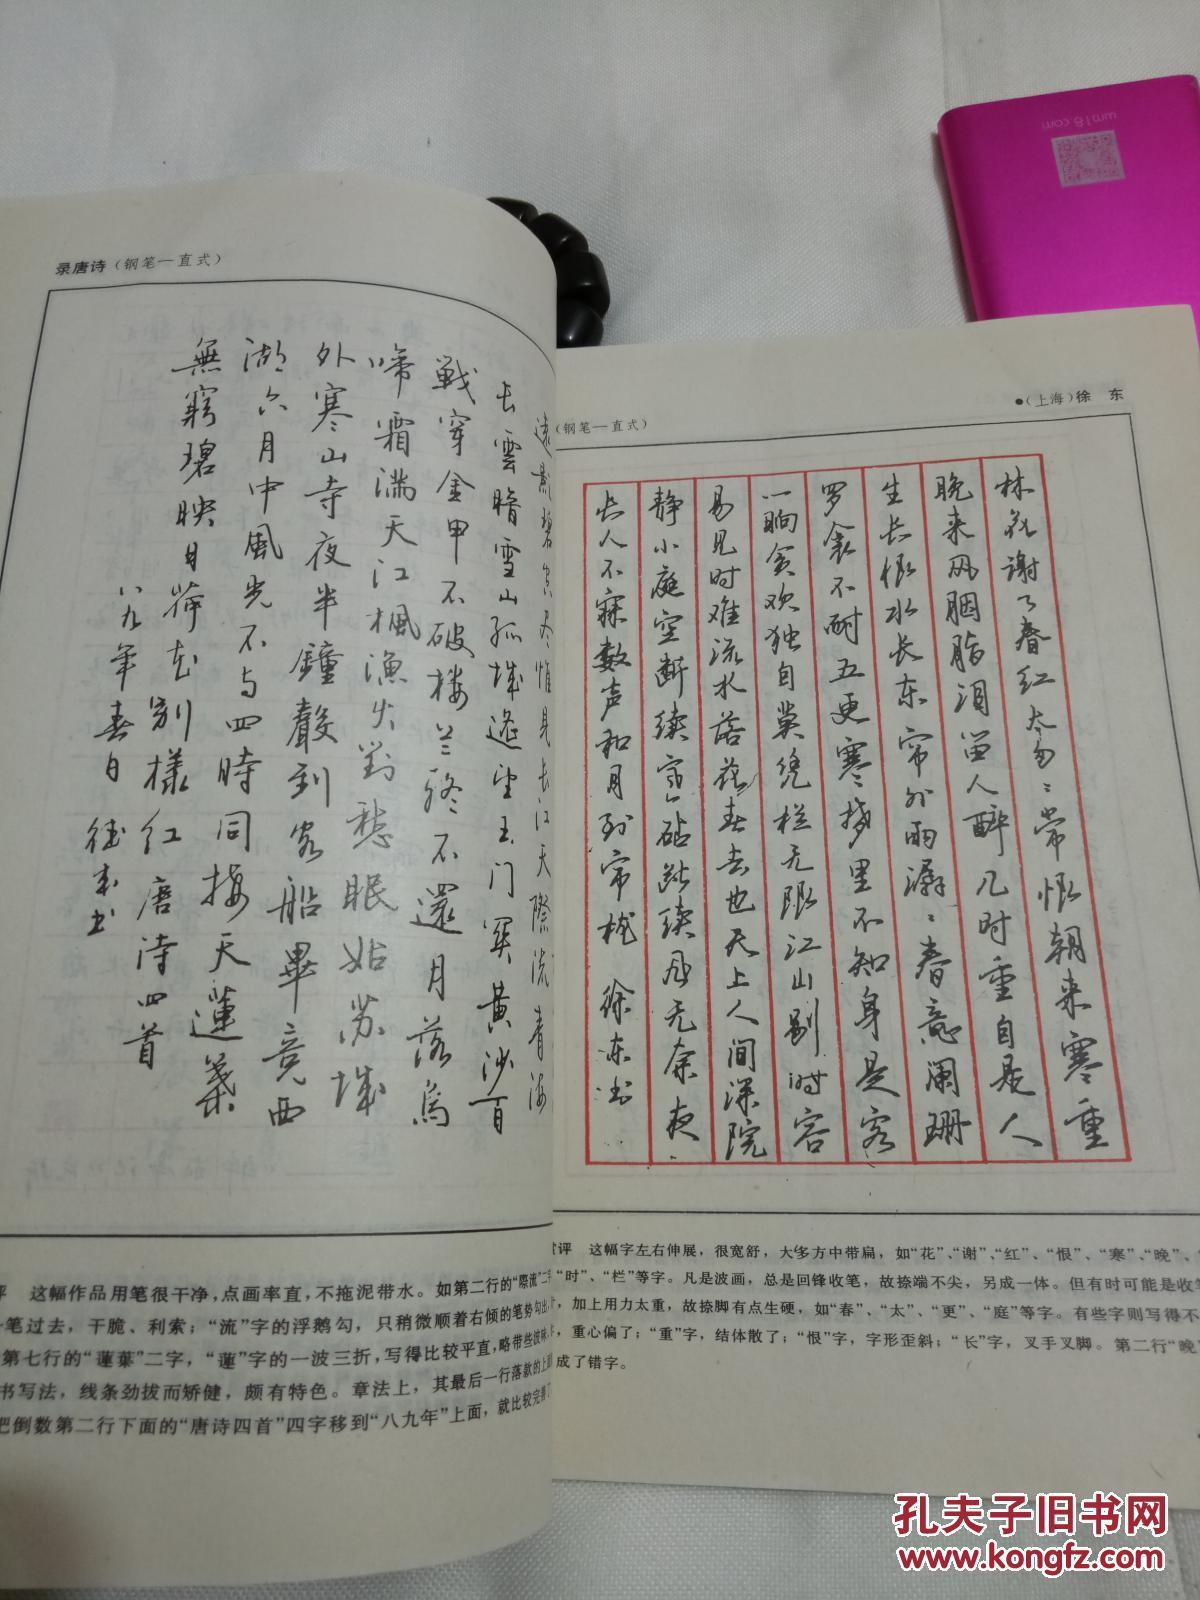 硬笔行书字帖(钢笔圆珠笔)沈鸿根江鸟赏评图片